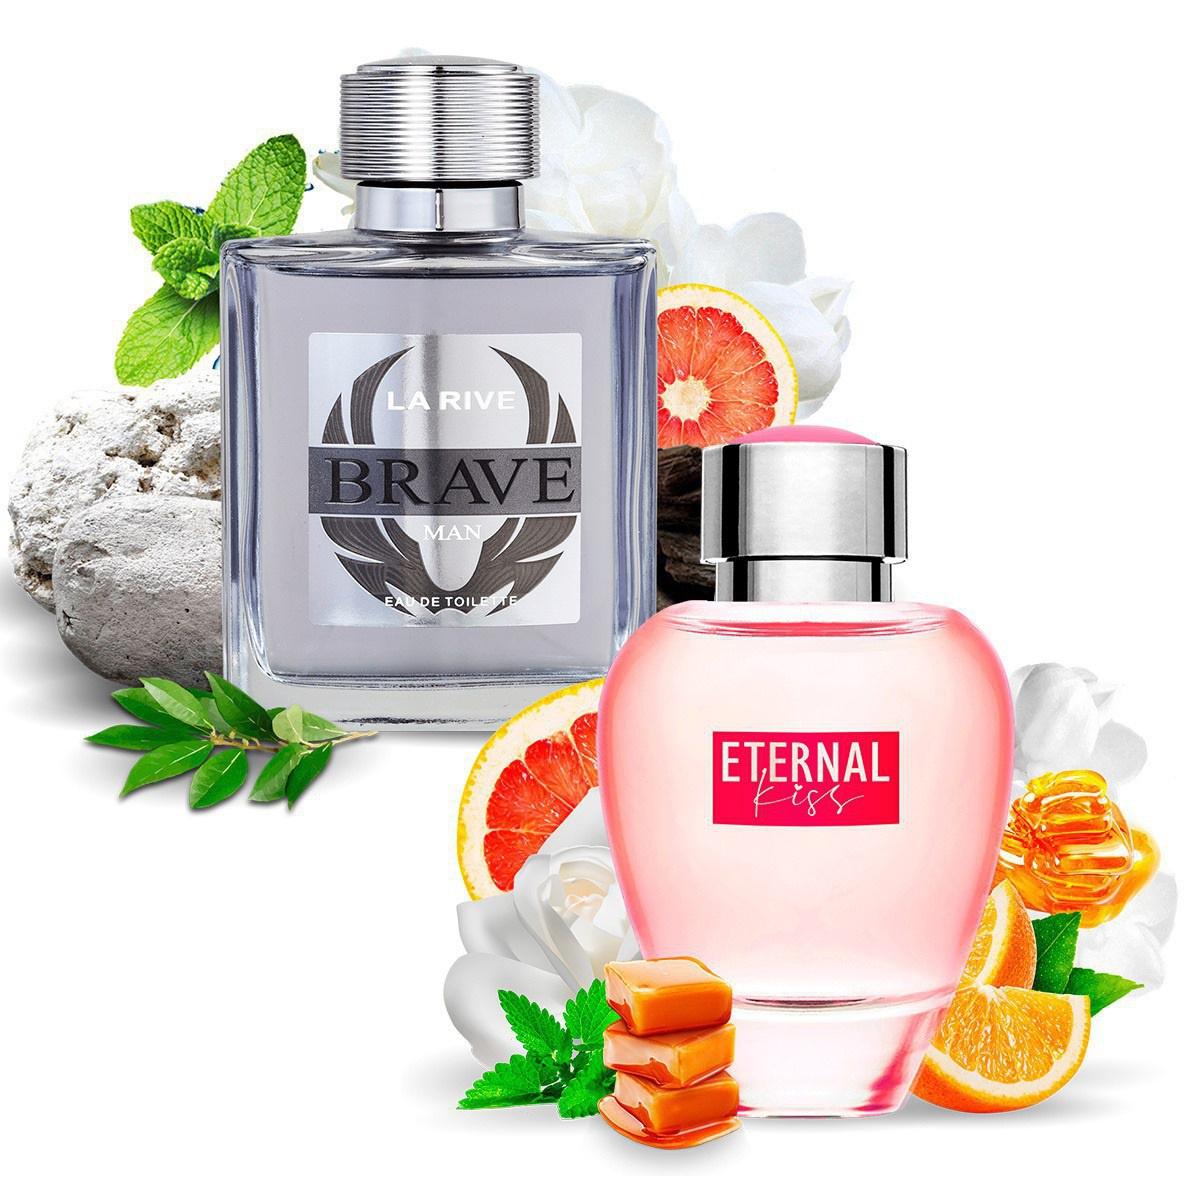 Kit 2 Perfumes Importados Brave e Eternal Kiss La Rive